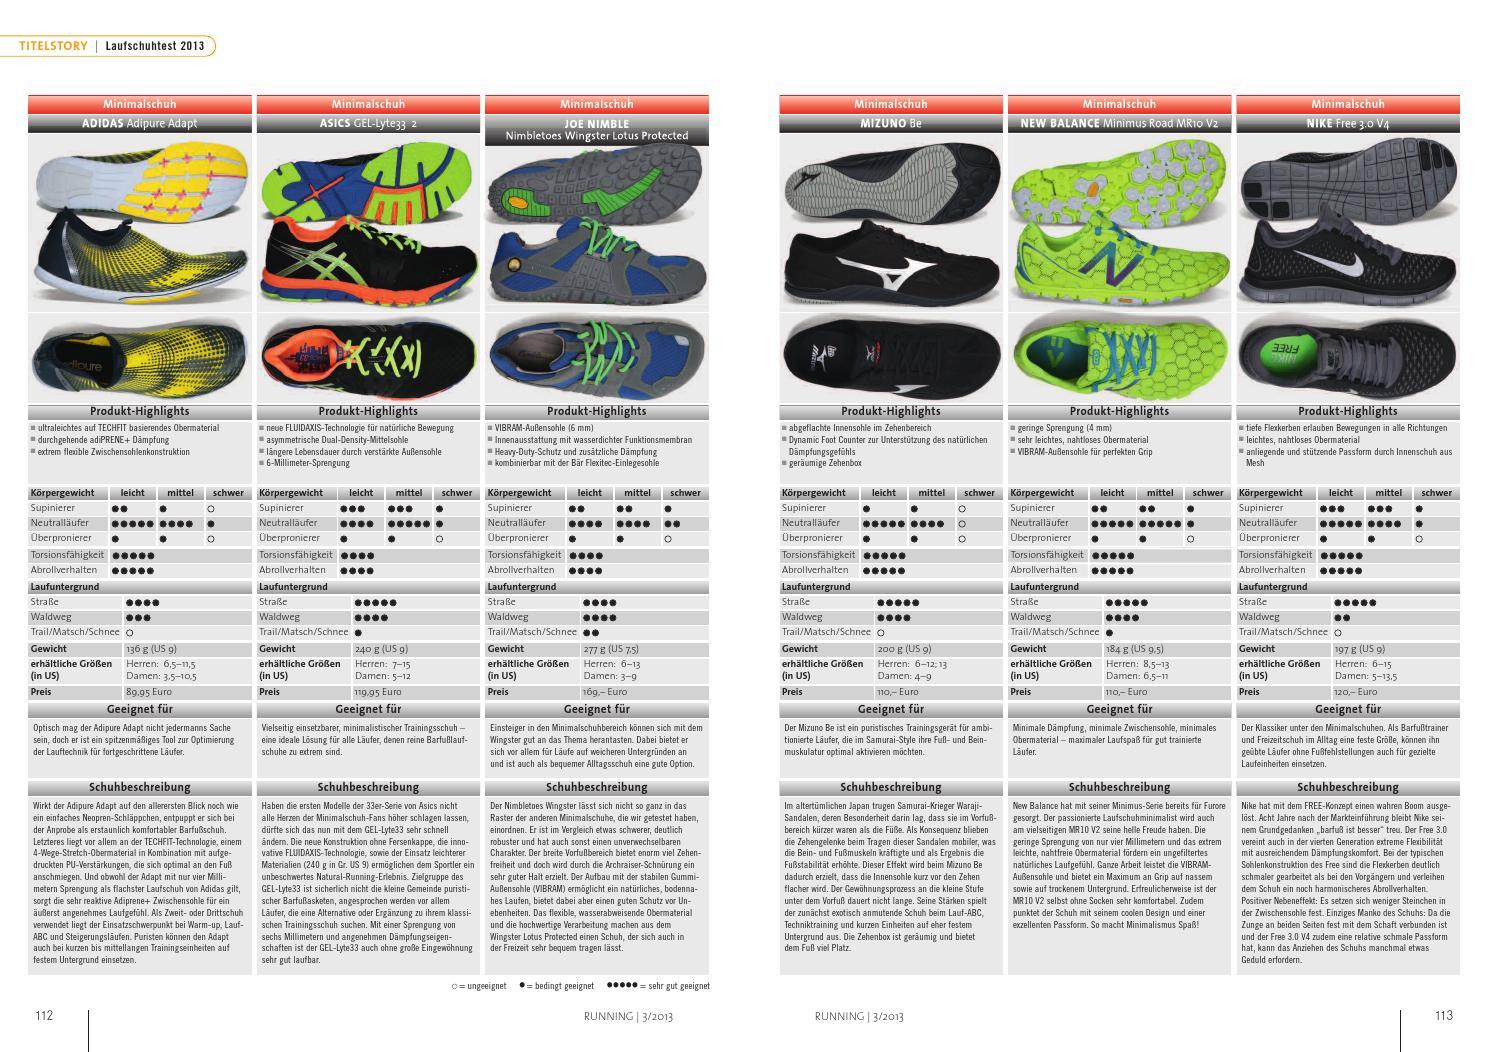 RUNNING Nr. 155 Laufschuhtest by Sportagentur Wags issuu